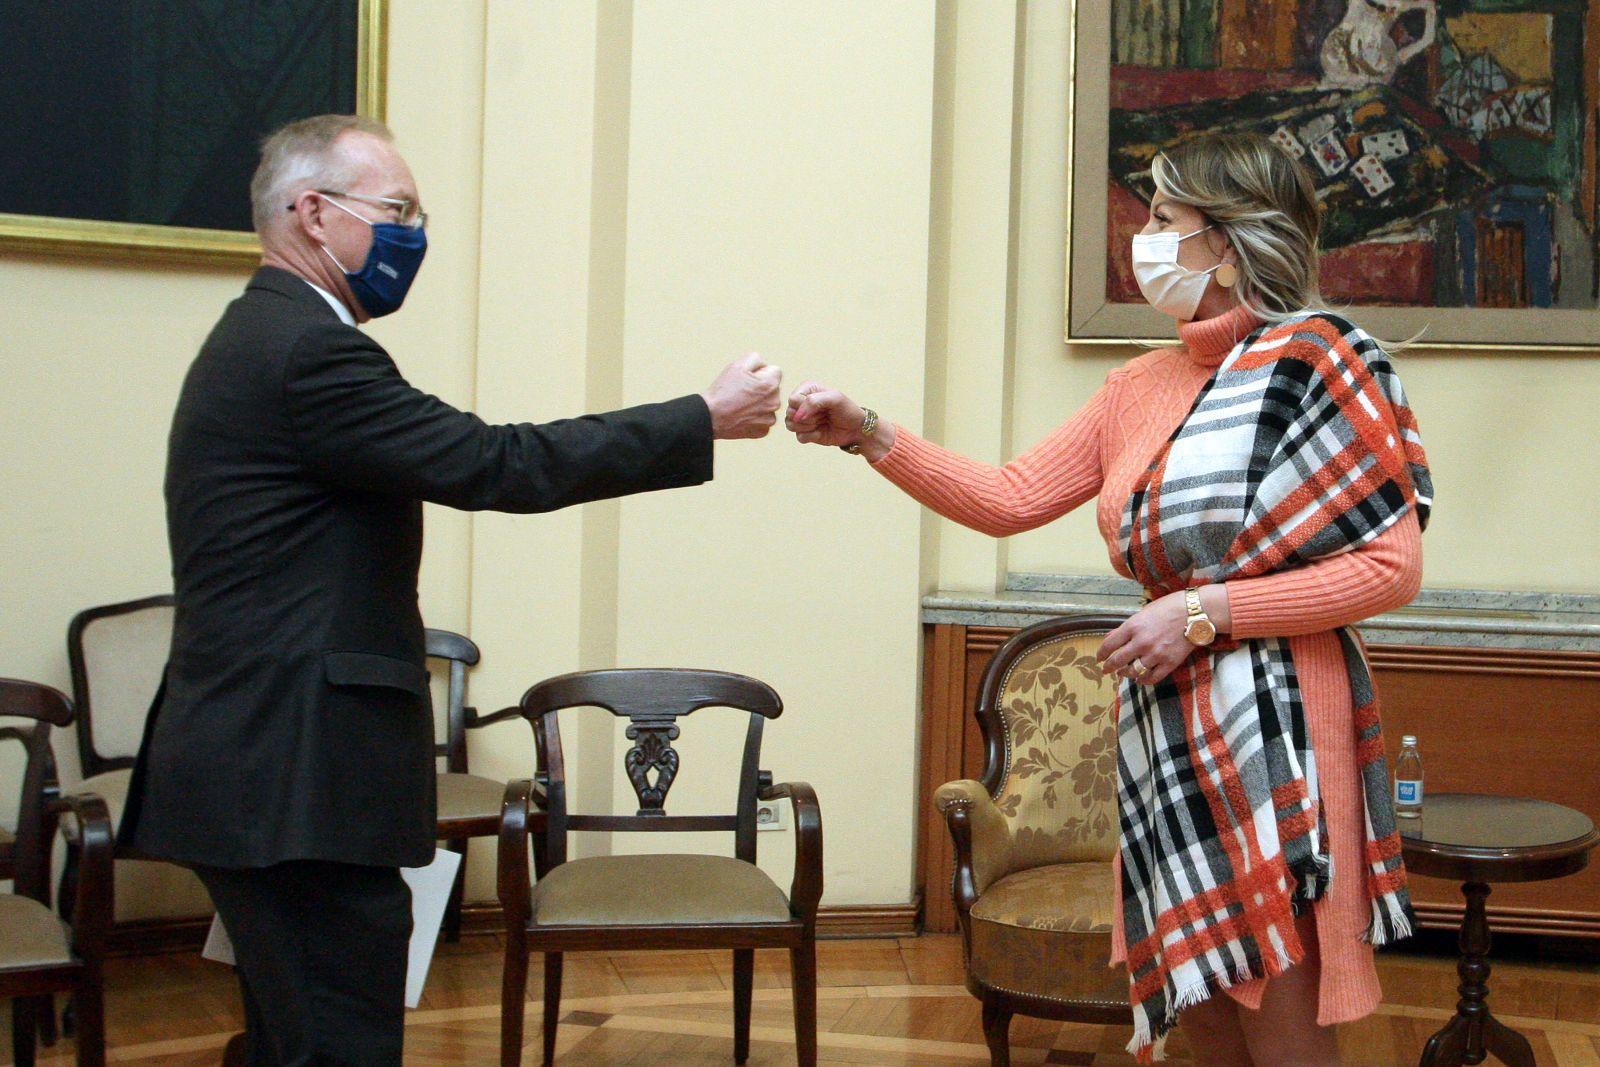 Ј. Јоксимовић: Активна сарадња с ОЕБС-ом у области владавине права